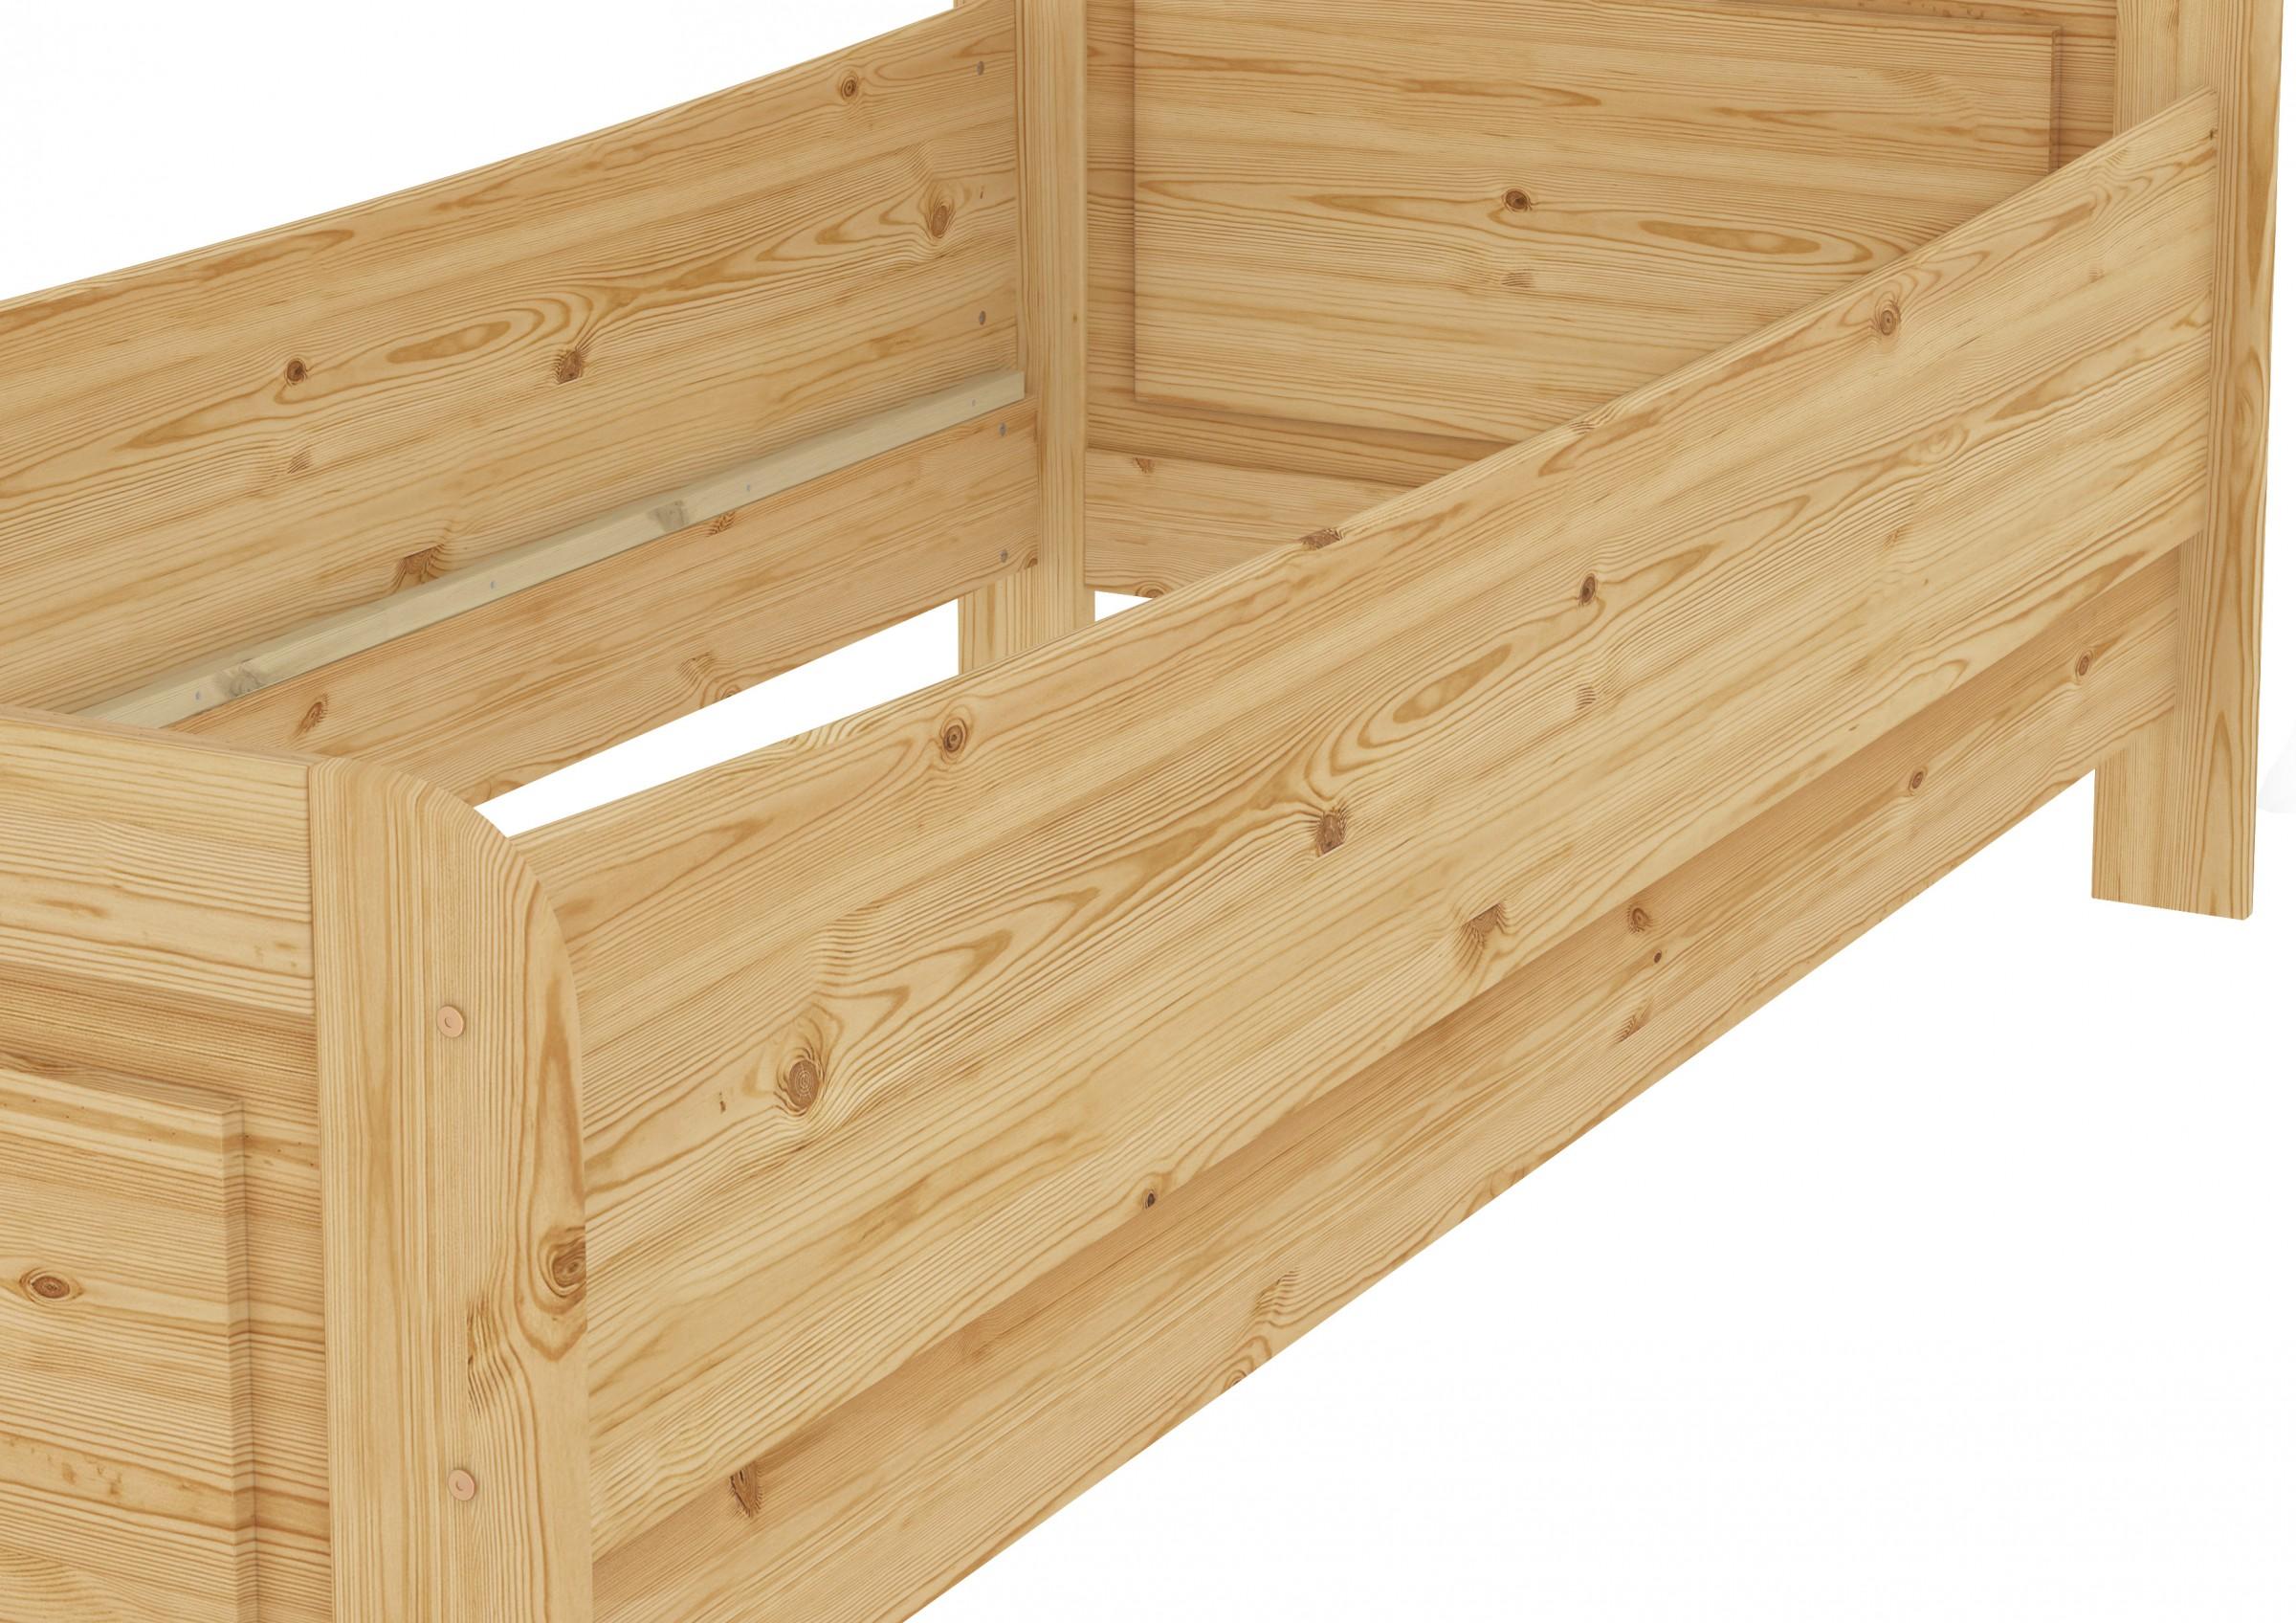 Seniorenbett extra hoch 100x200 Einzelbett Kiefer Bett mit Rollrost ...